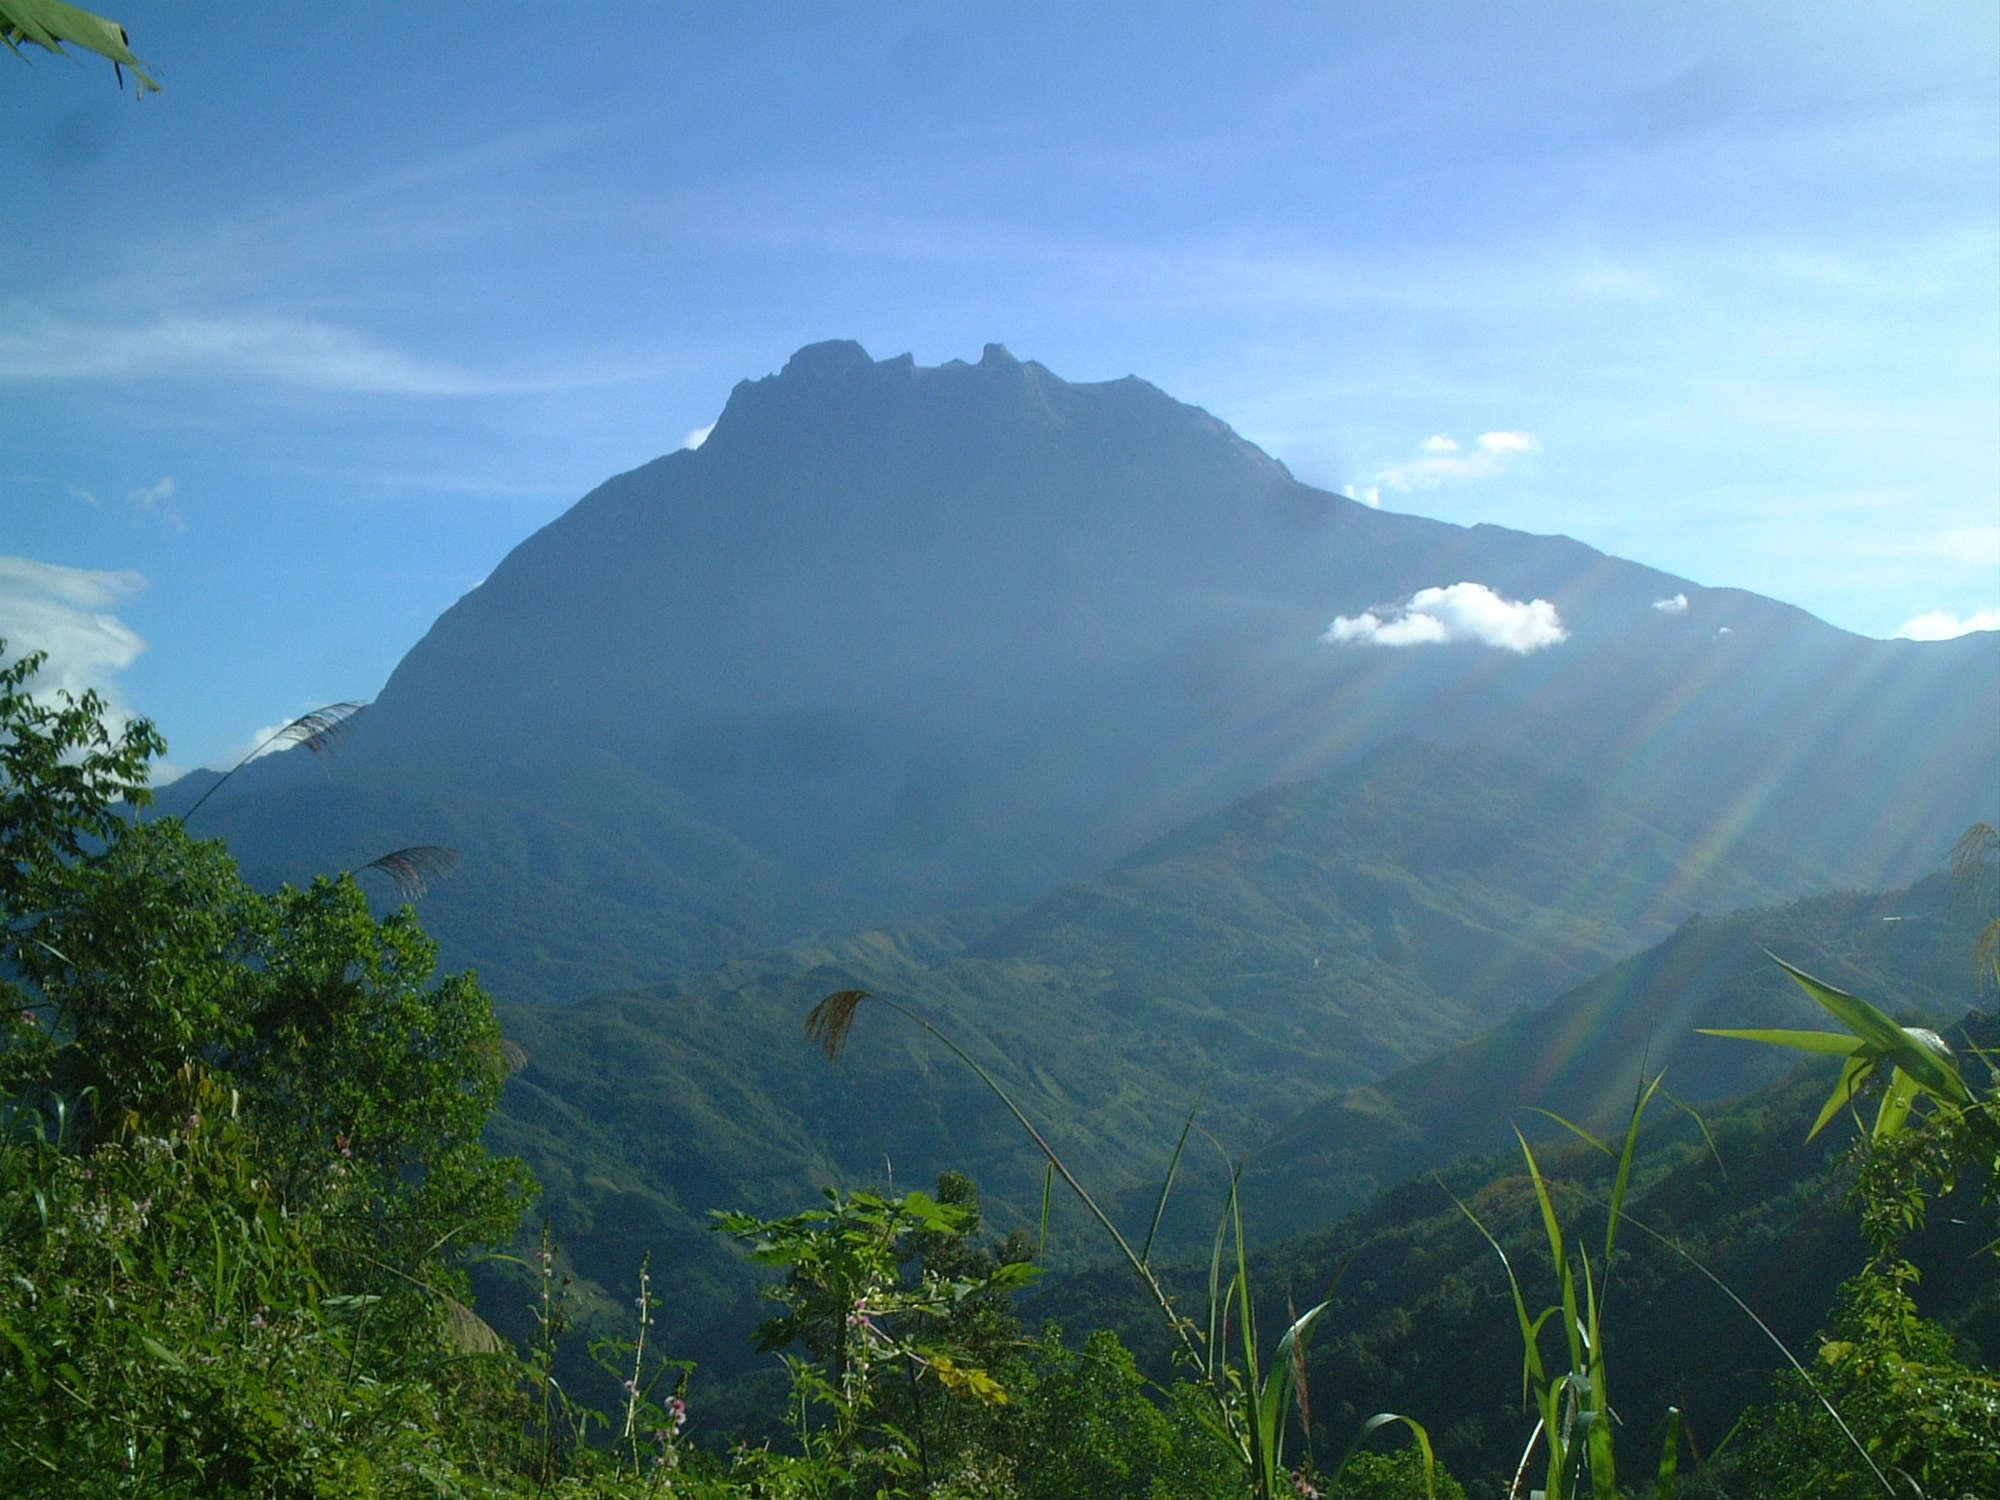 キナバル山登頂エクスプレス4日間